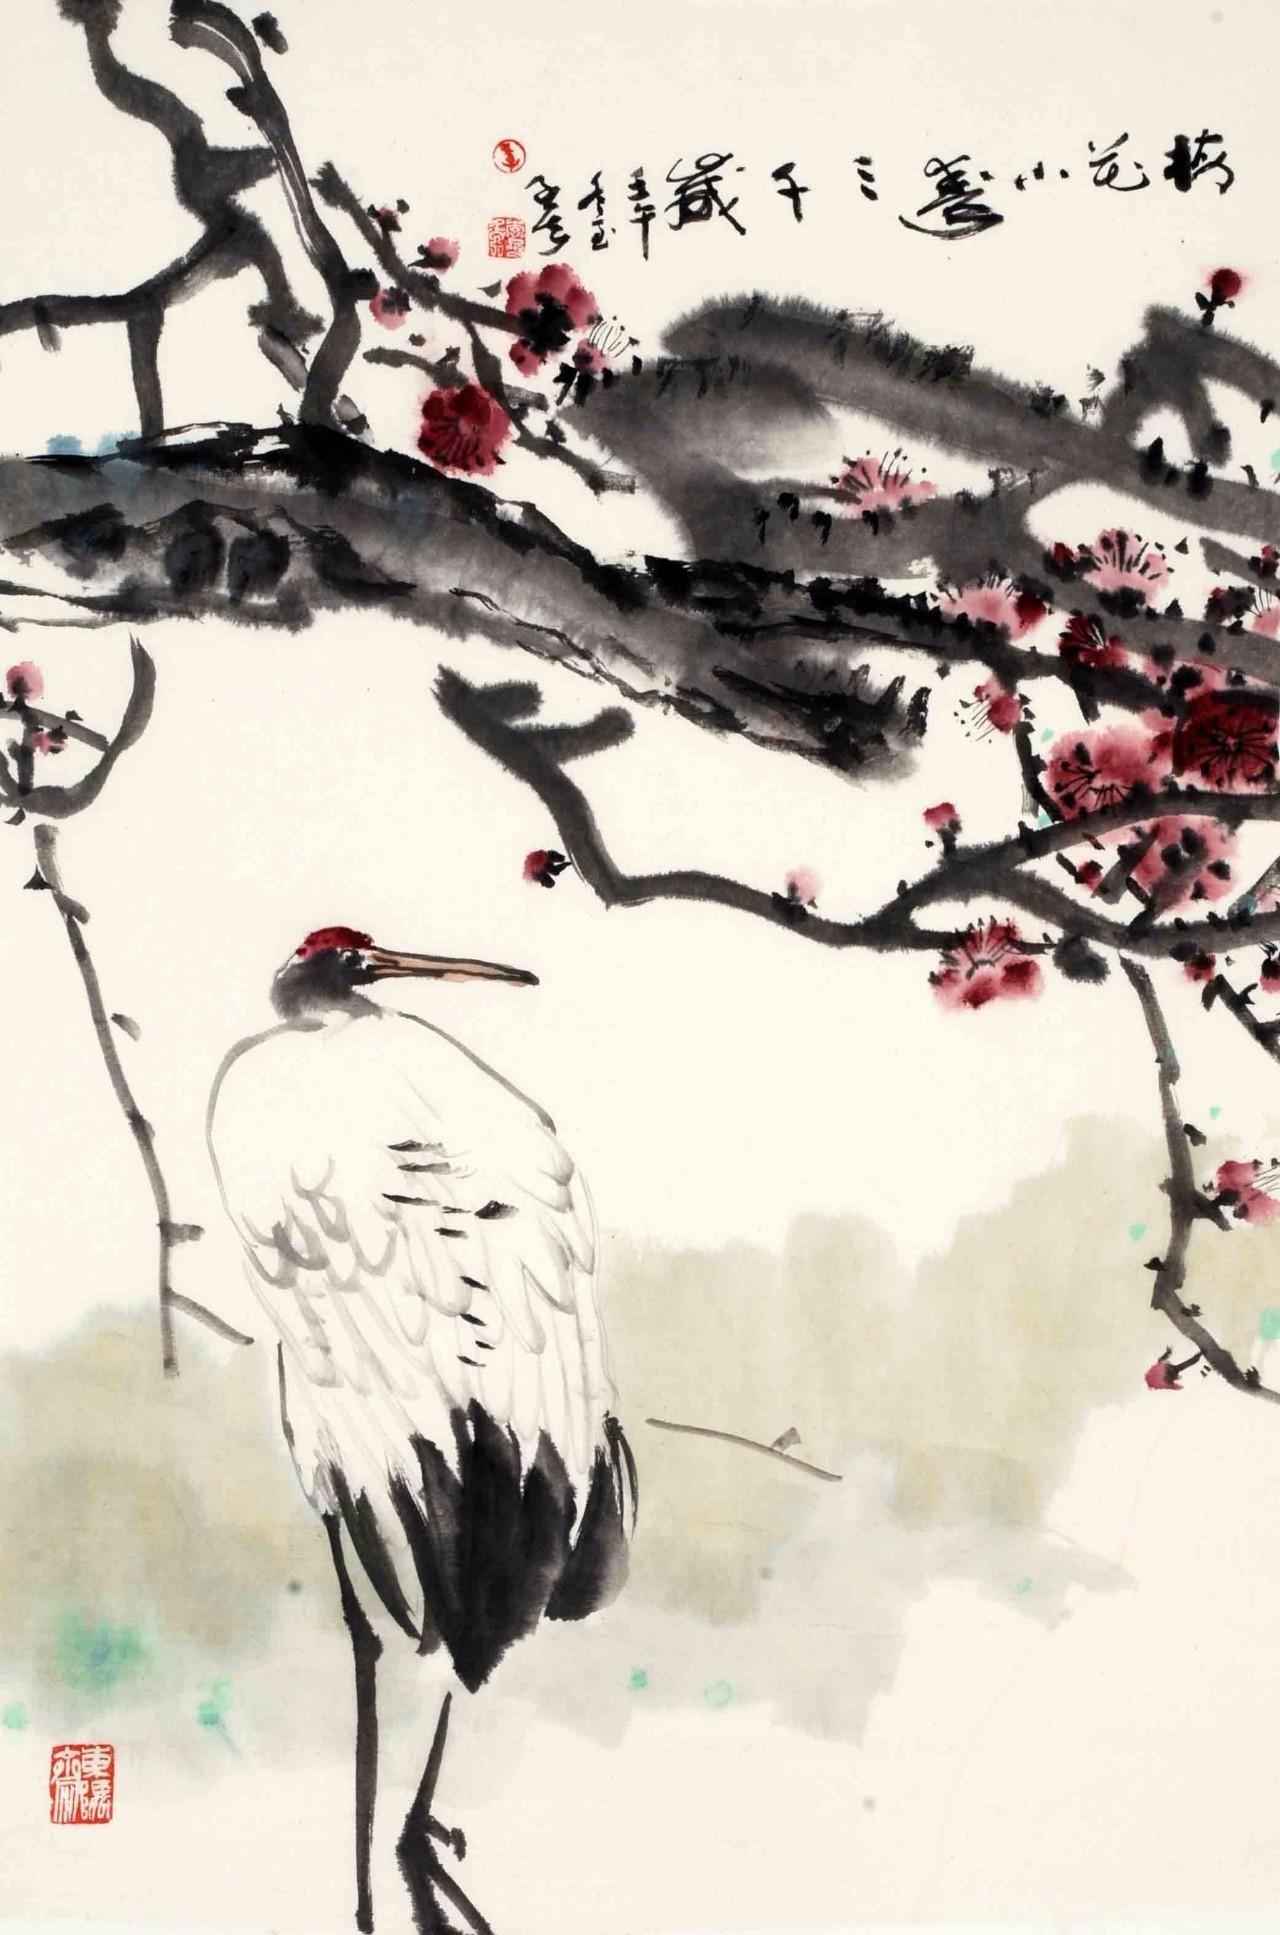 浙派意笔画代表人物之一 李子侯写意鹤作品之一